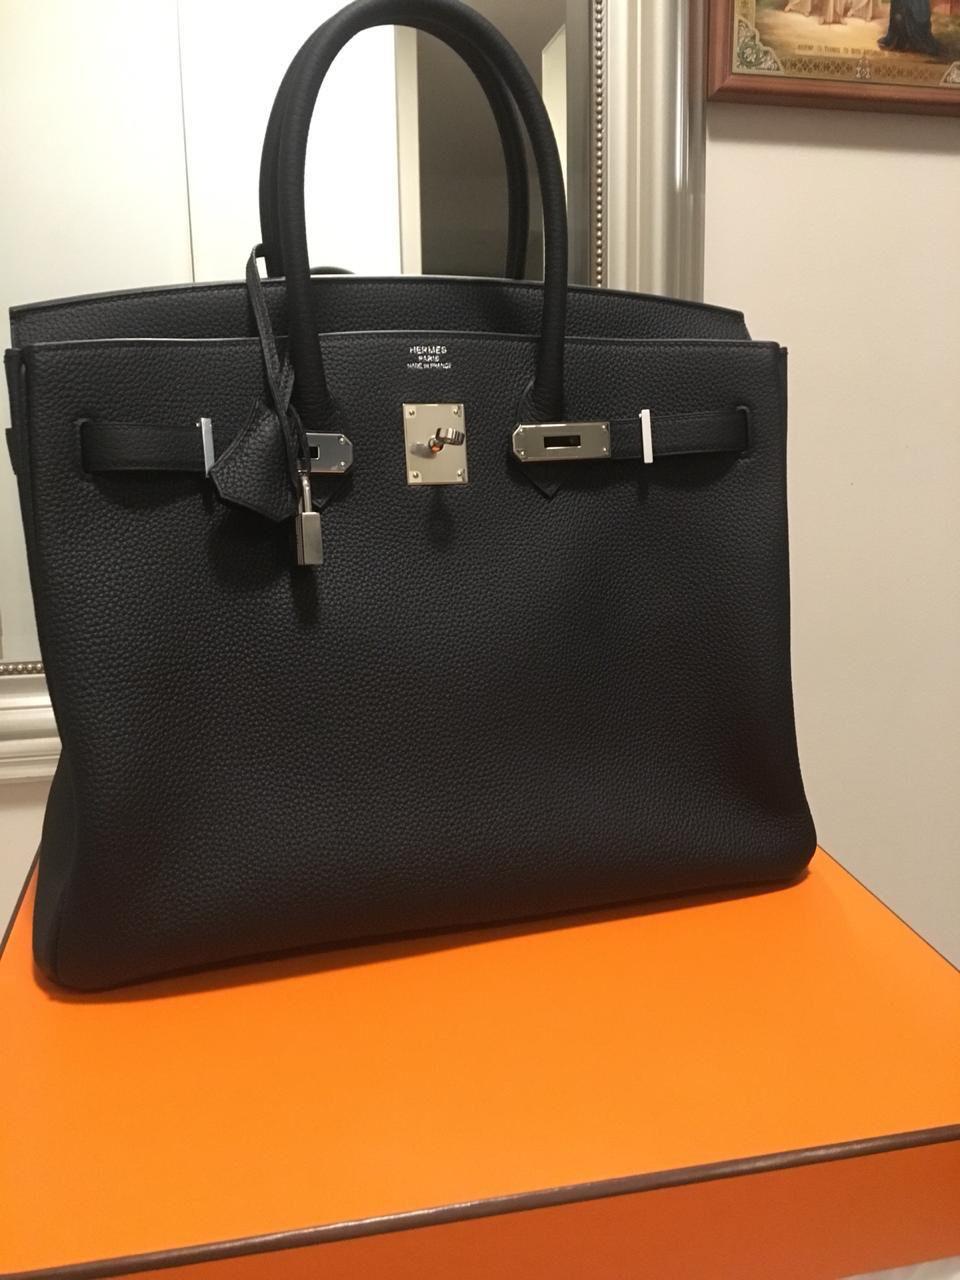 81b8df15953 Hermès Birkin 35 Noir (Black) Togo Palladium Hardware PHW C Stamp 2018   birkin35